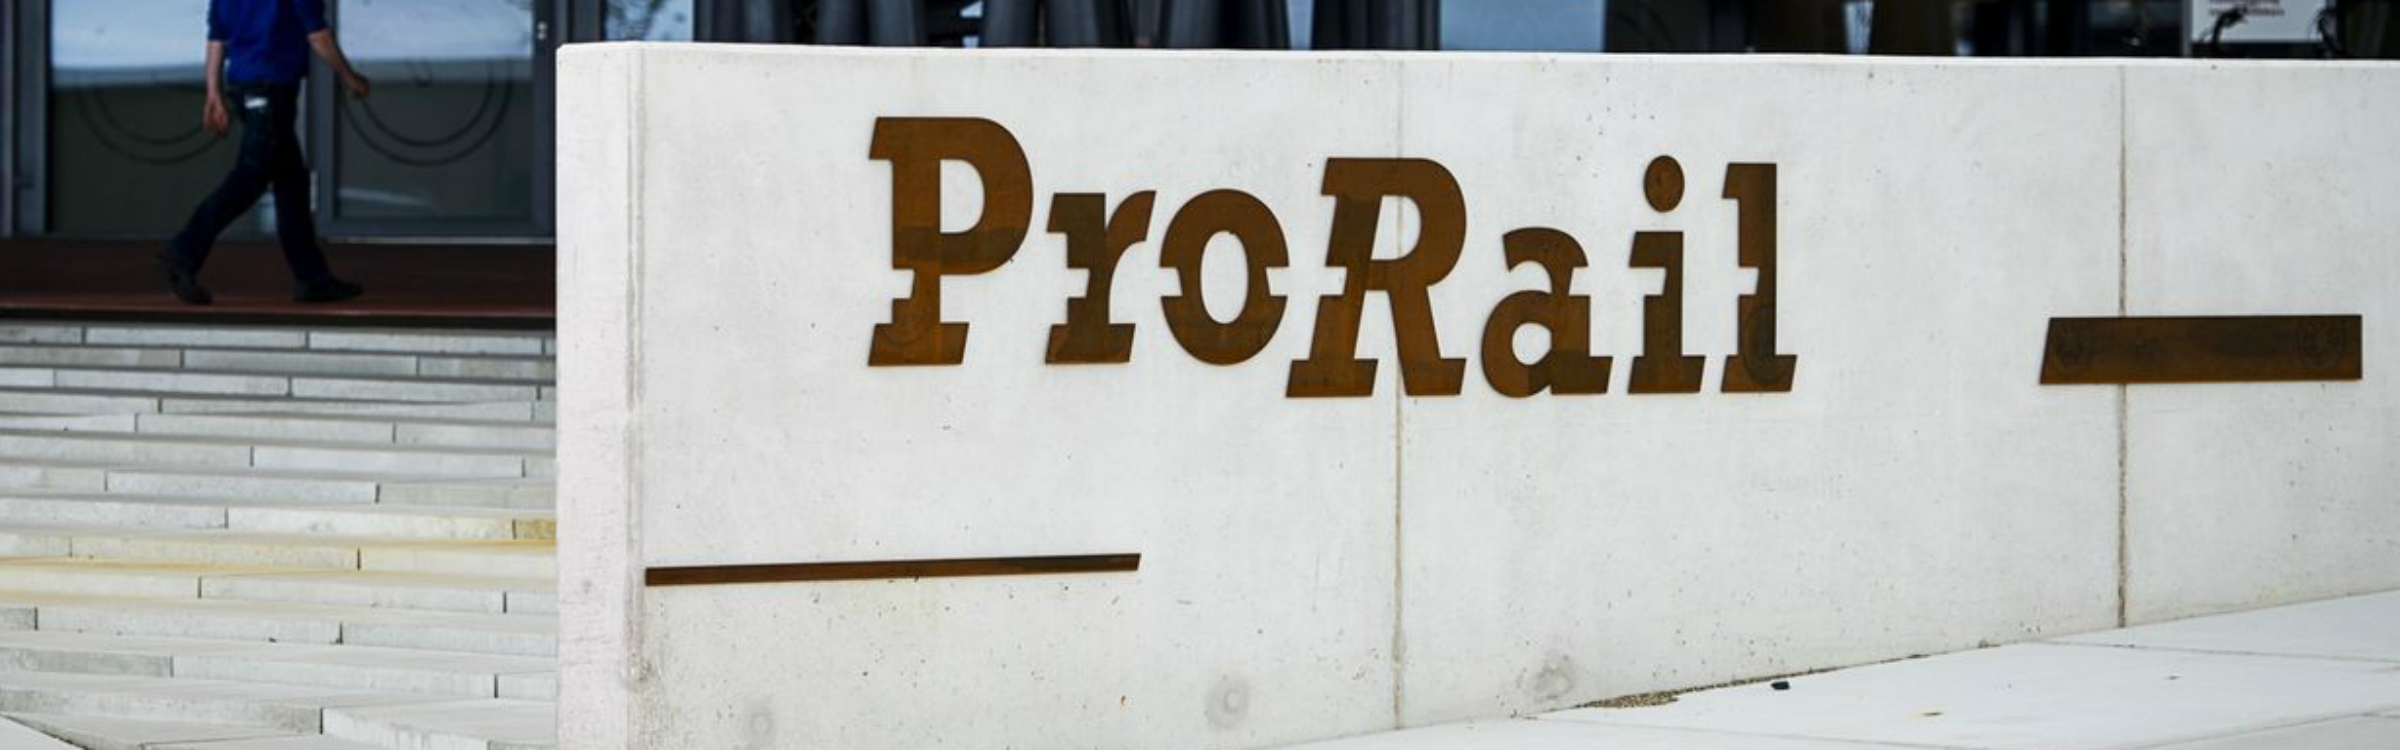 Prorail header